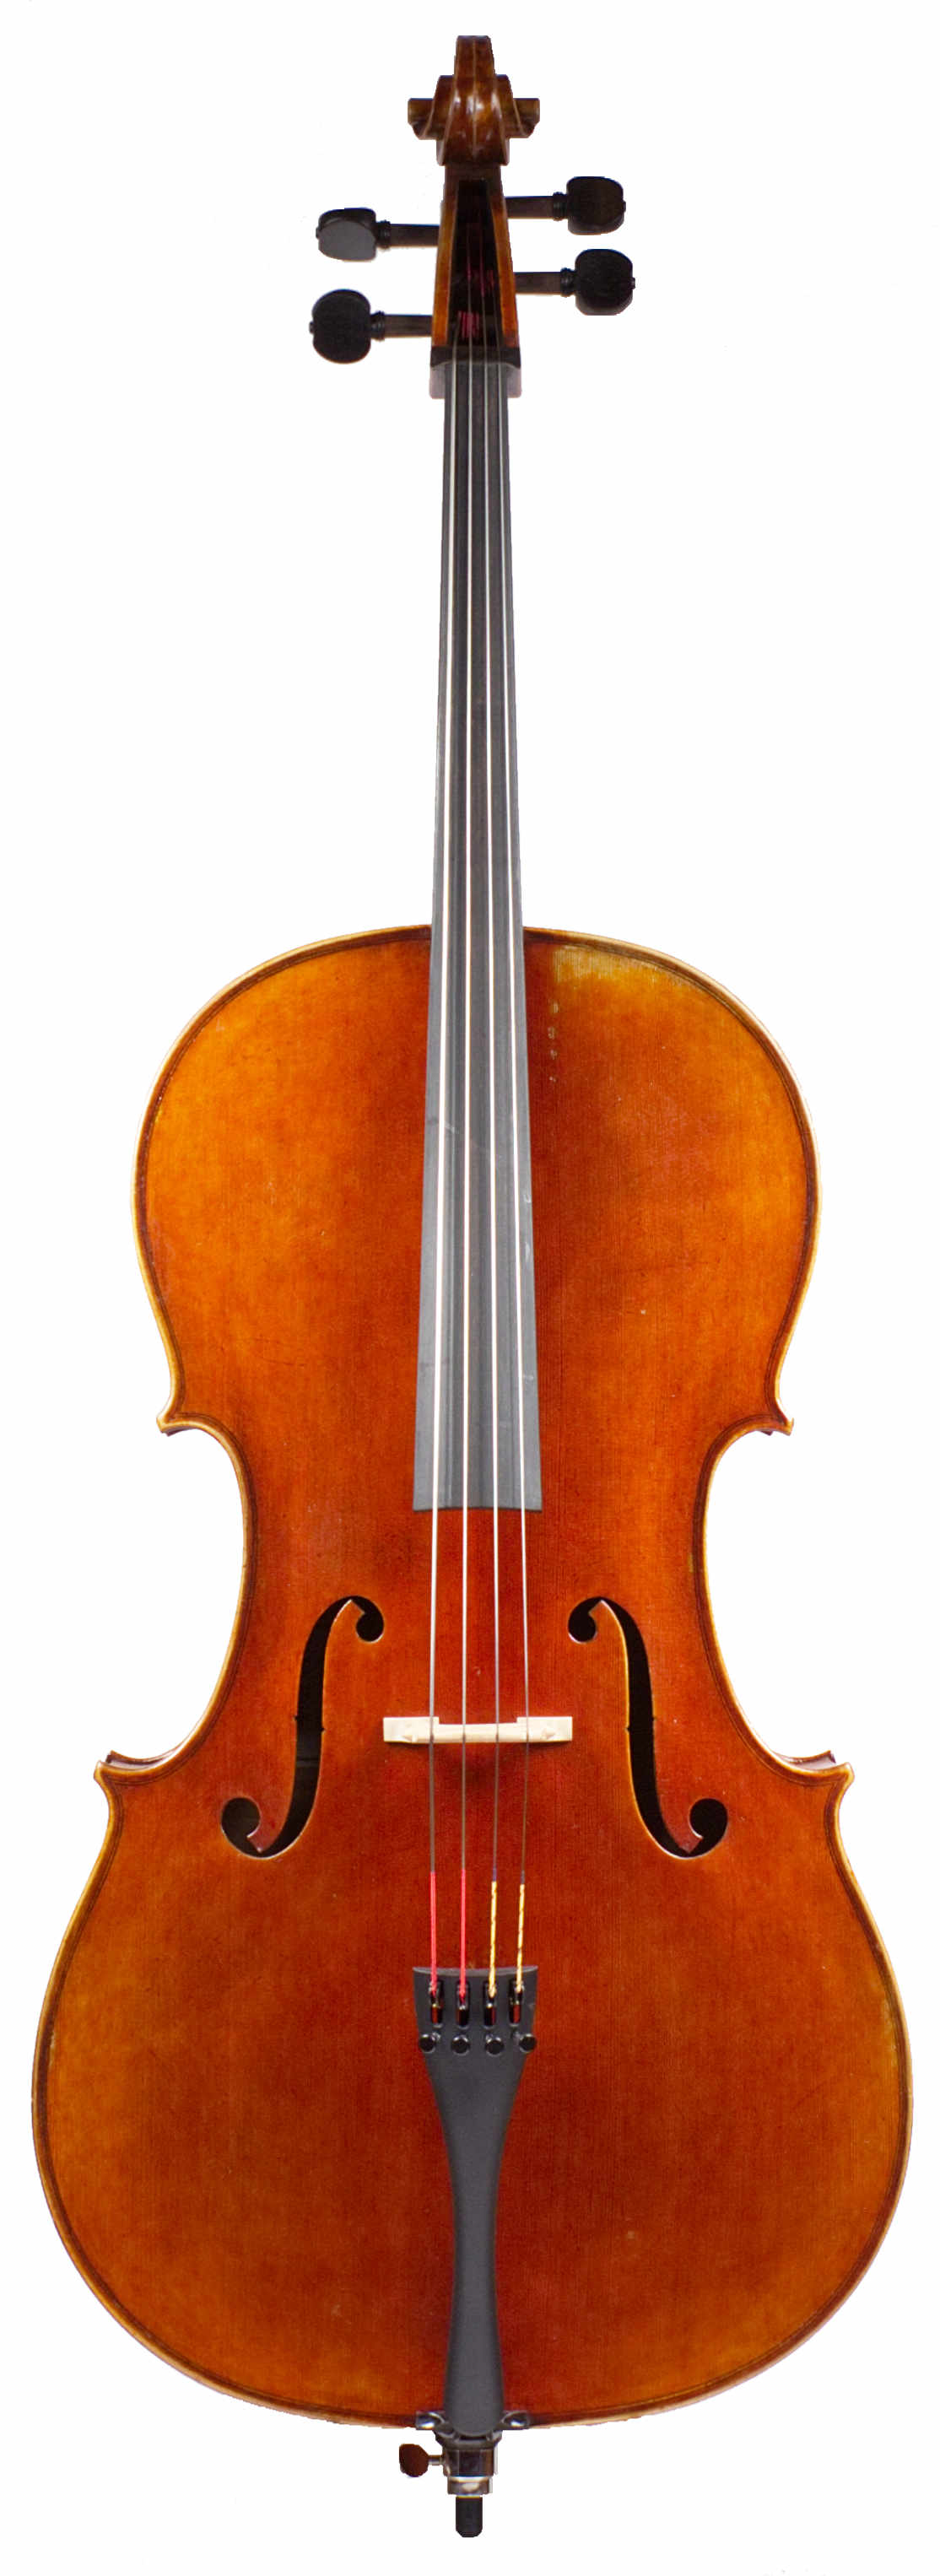 Jay Haide Strad cello